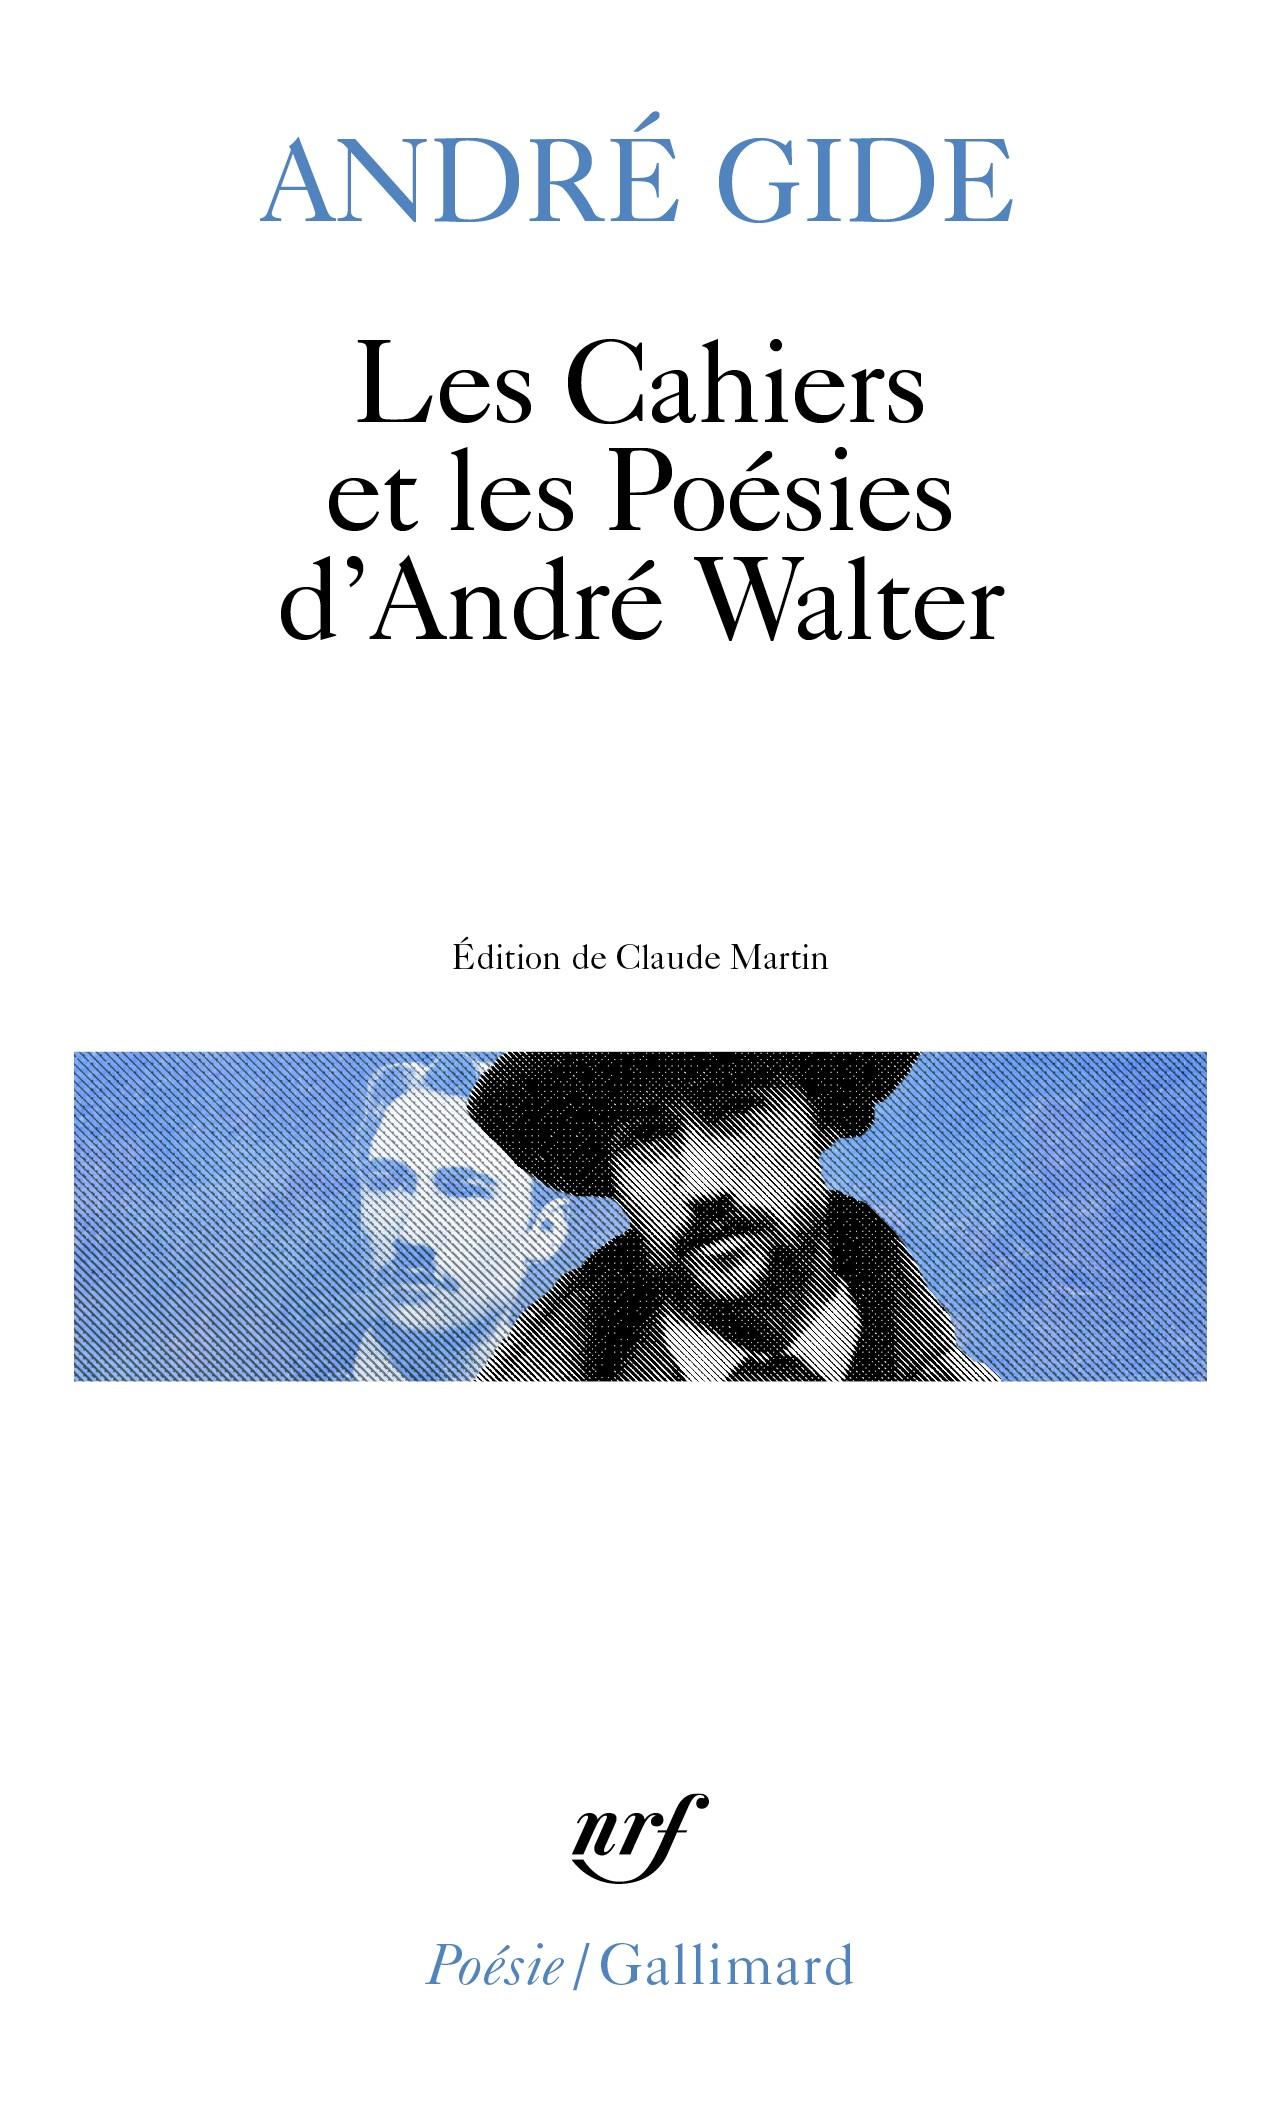 Les Cahiers et les Poésies d'André Walter